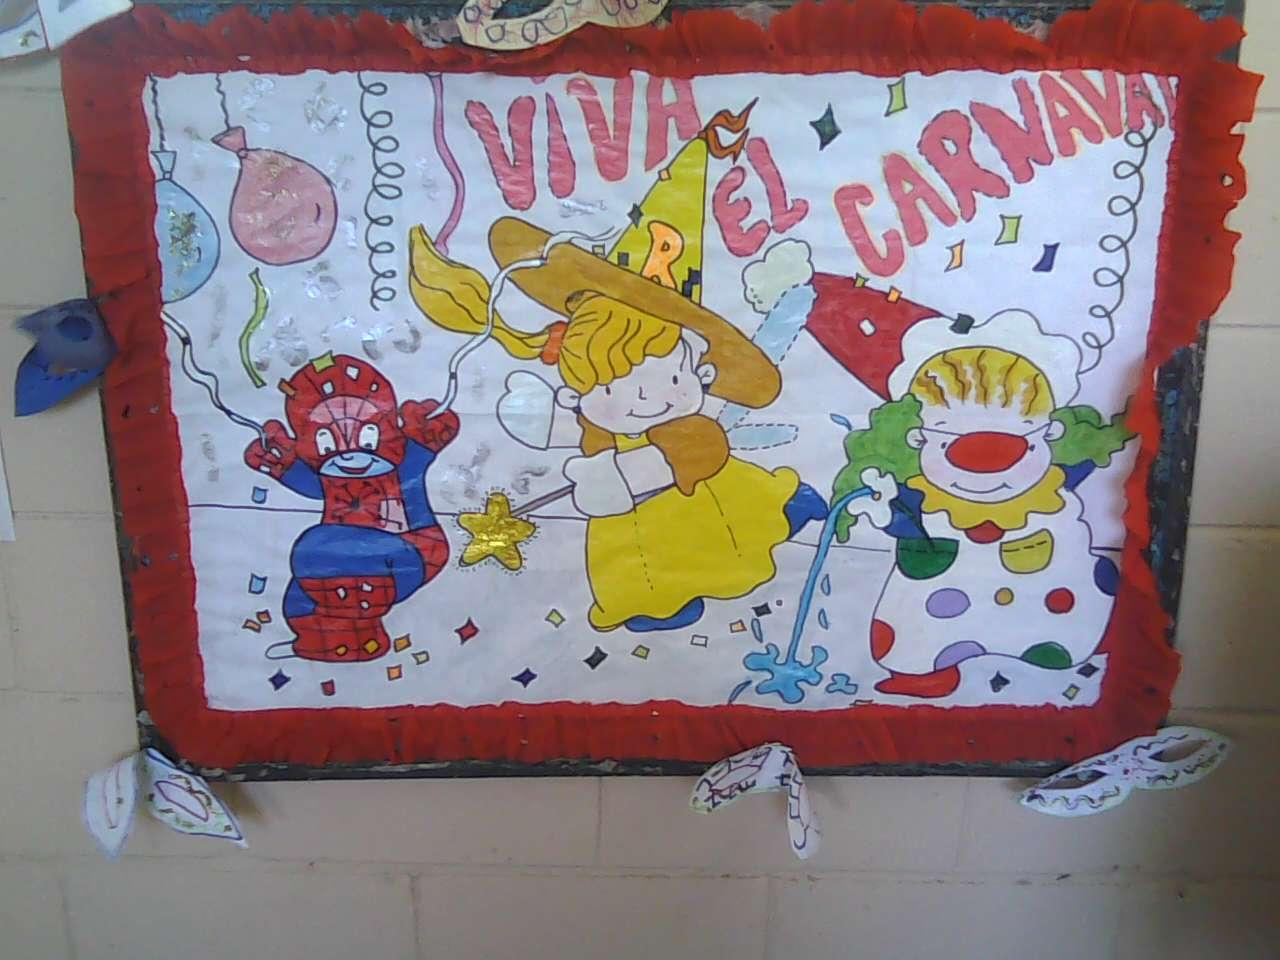 Cartelera Alusiva al carnaval